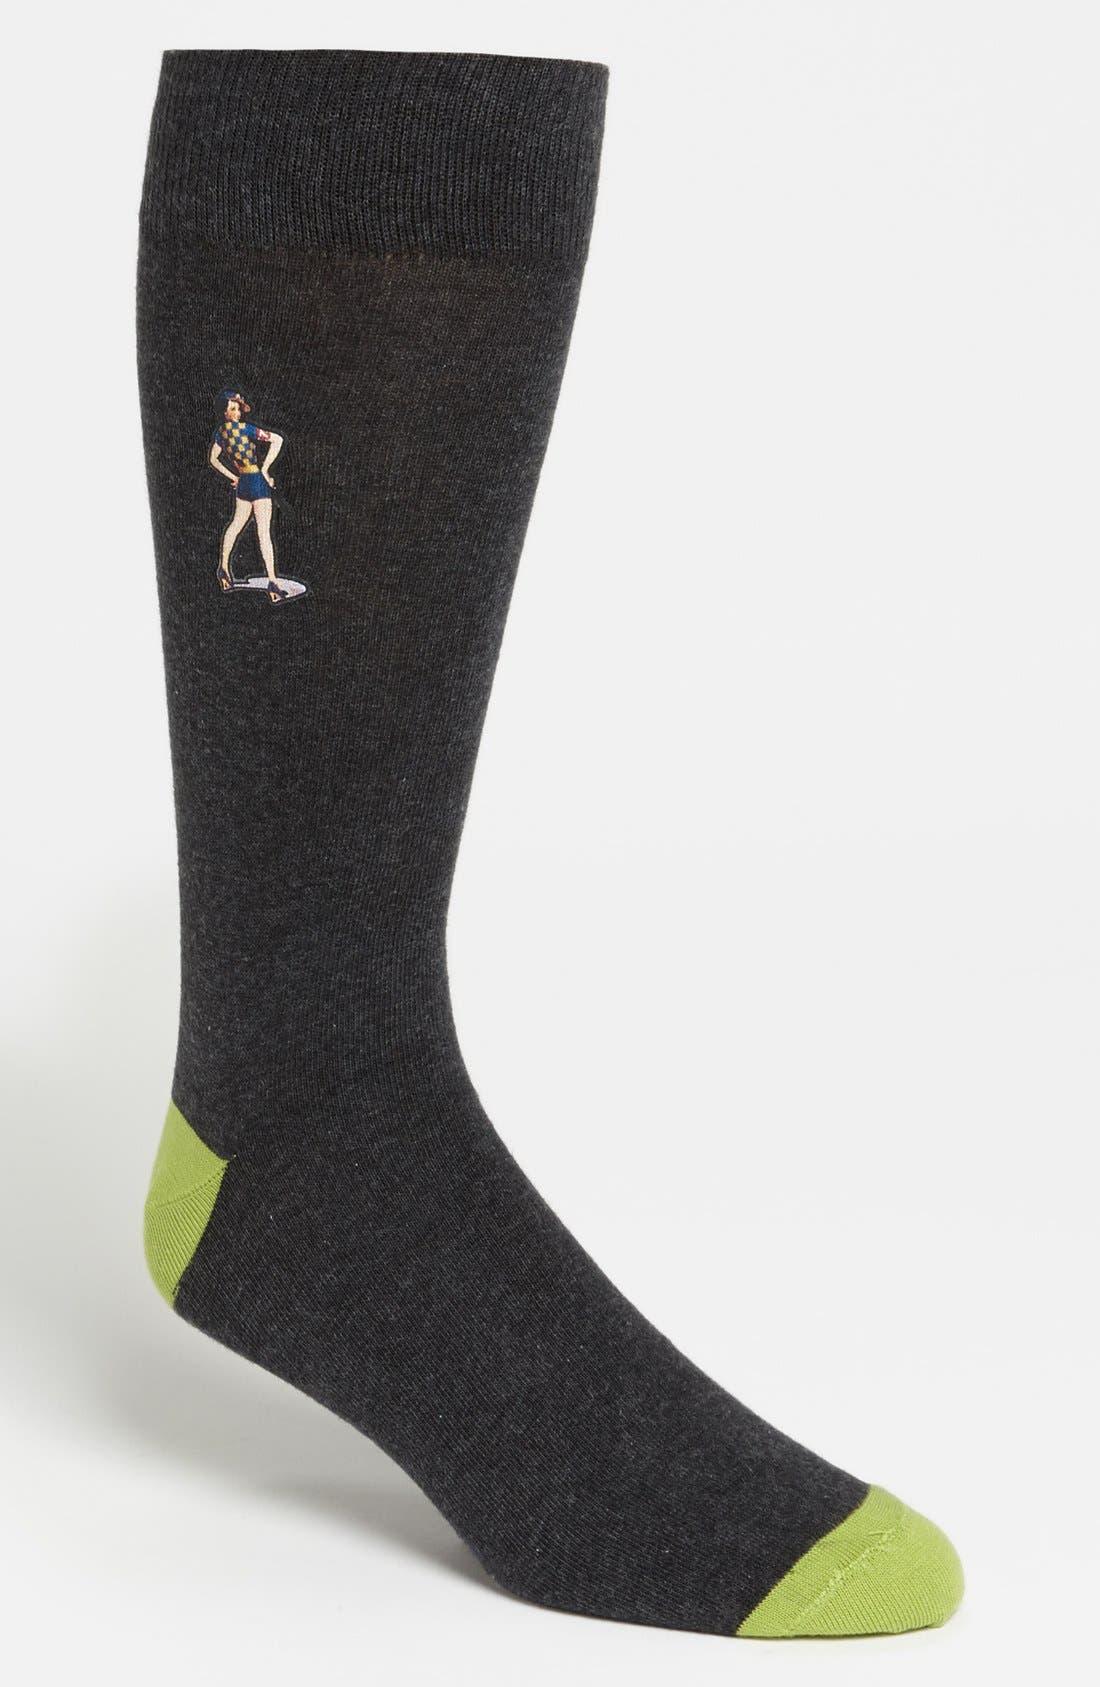 Main Image - Lorenzo Uomo 'Pinup Girl' Socks